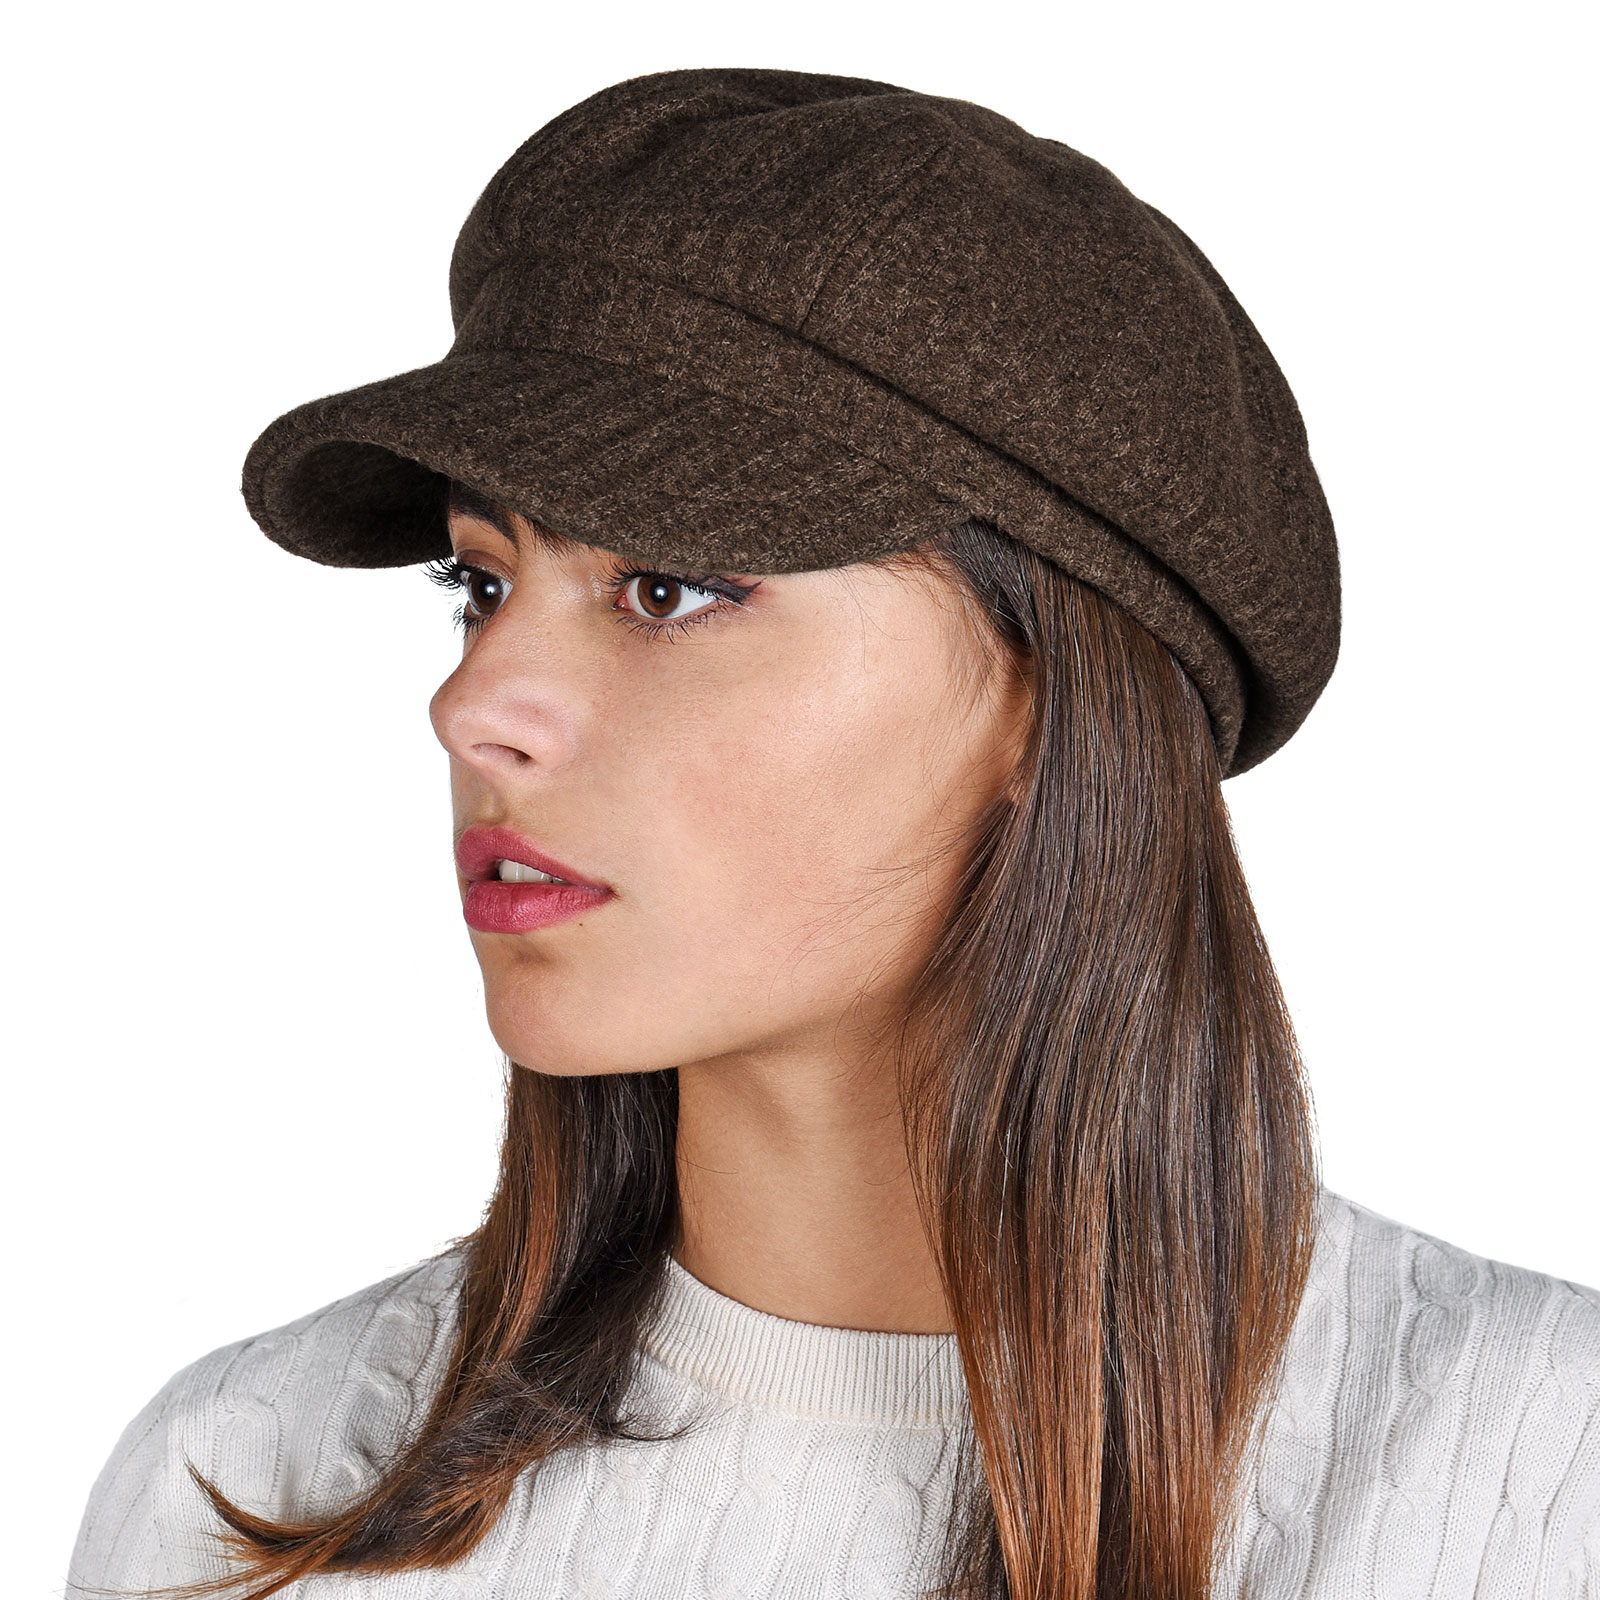 CP-01585-VF10-P-casquette-femme-velour-marron